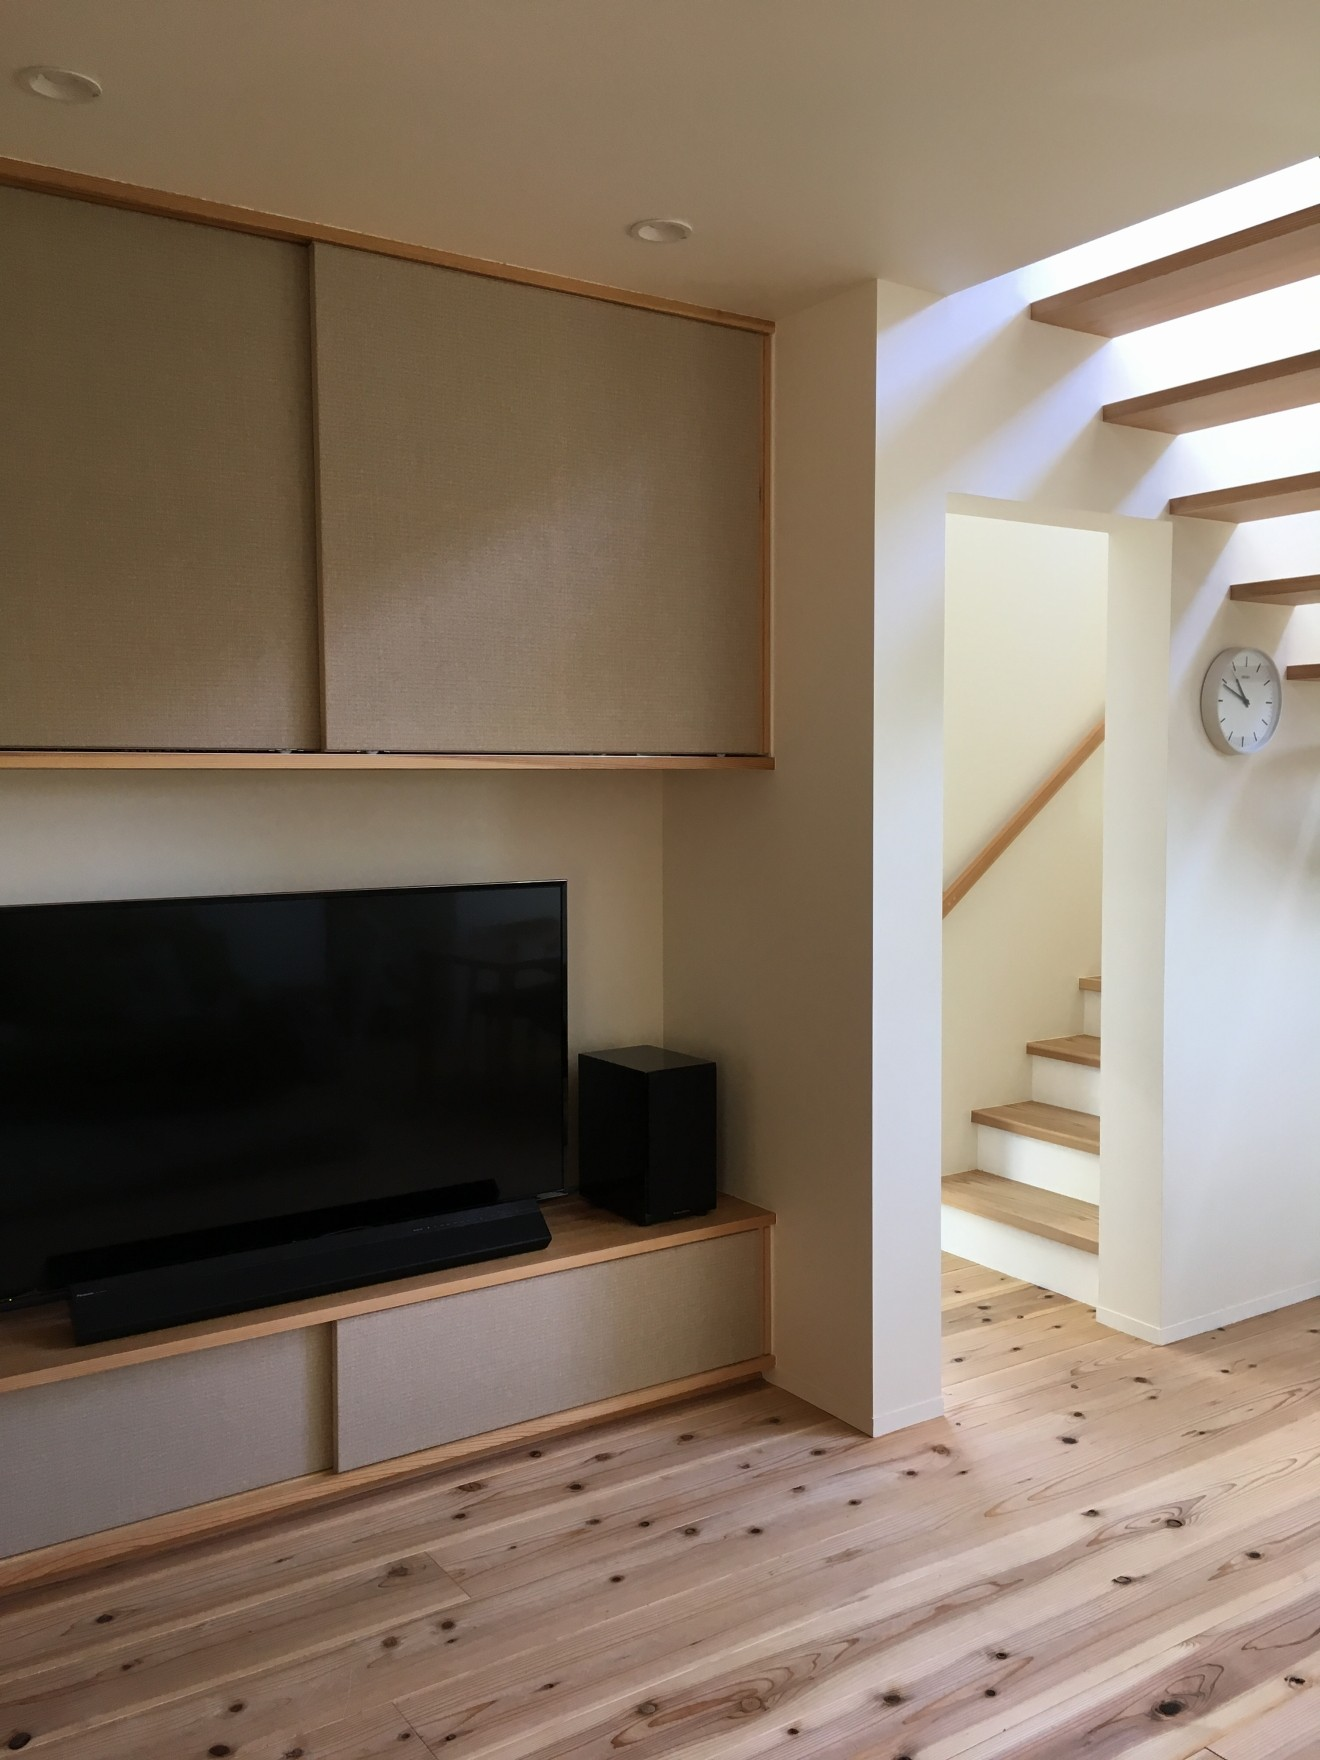 リビングダイニング事例:リビング階段・造作家具(北大和の家)